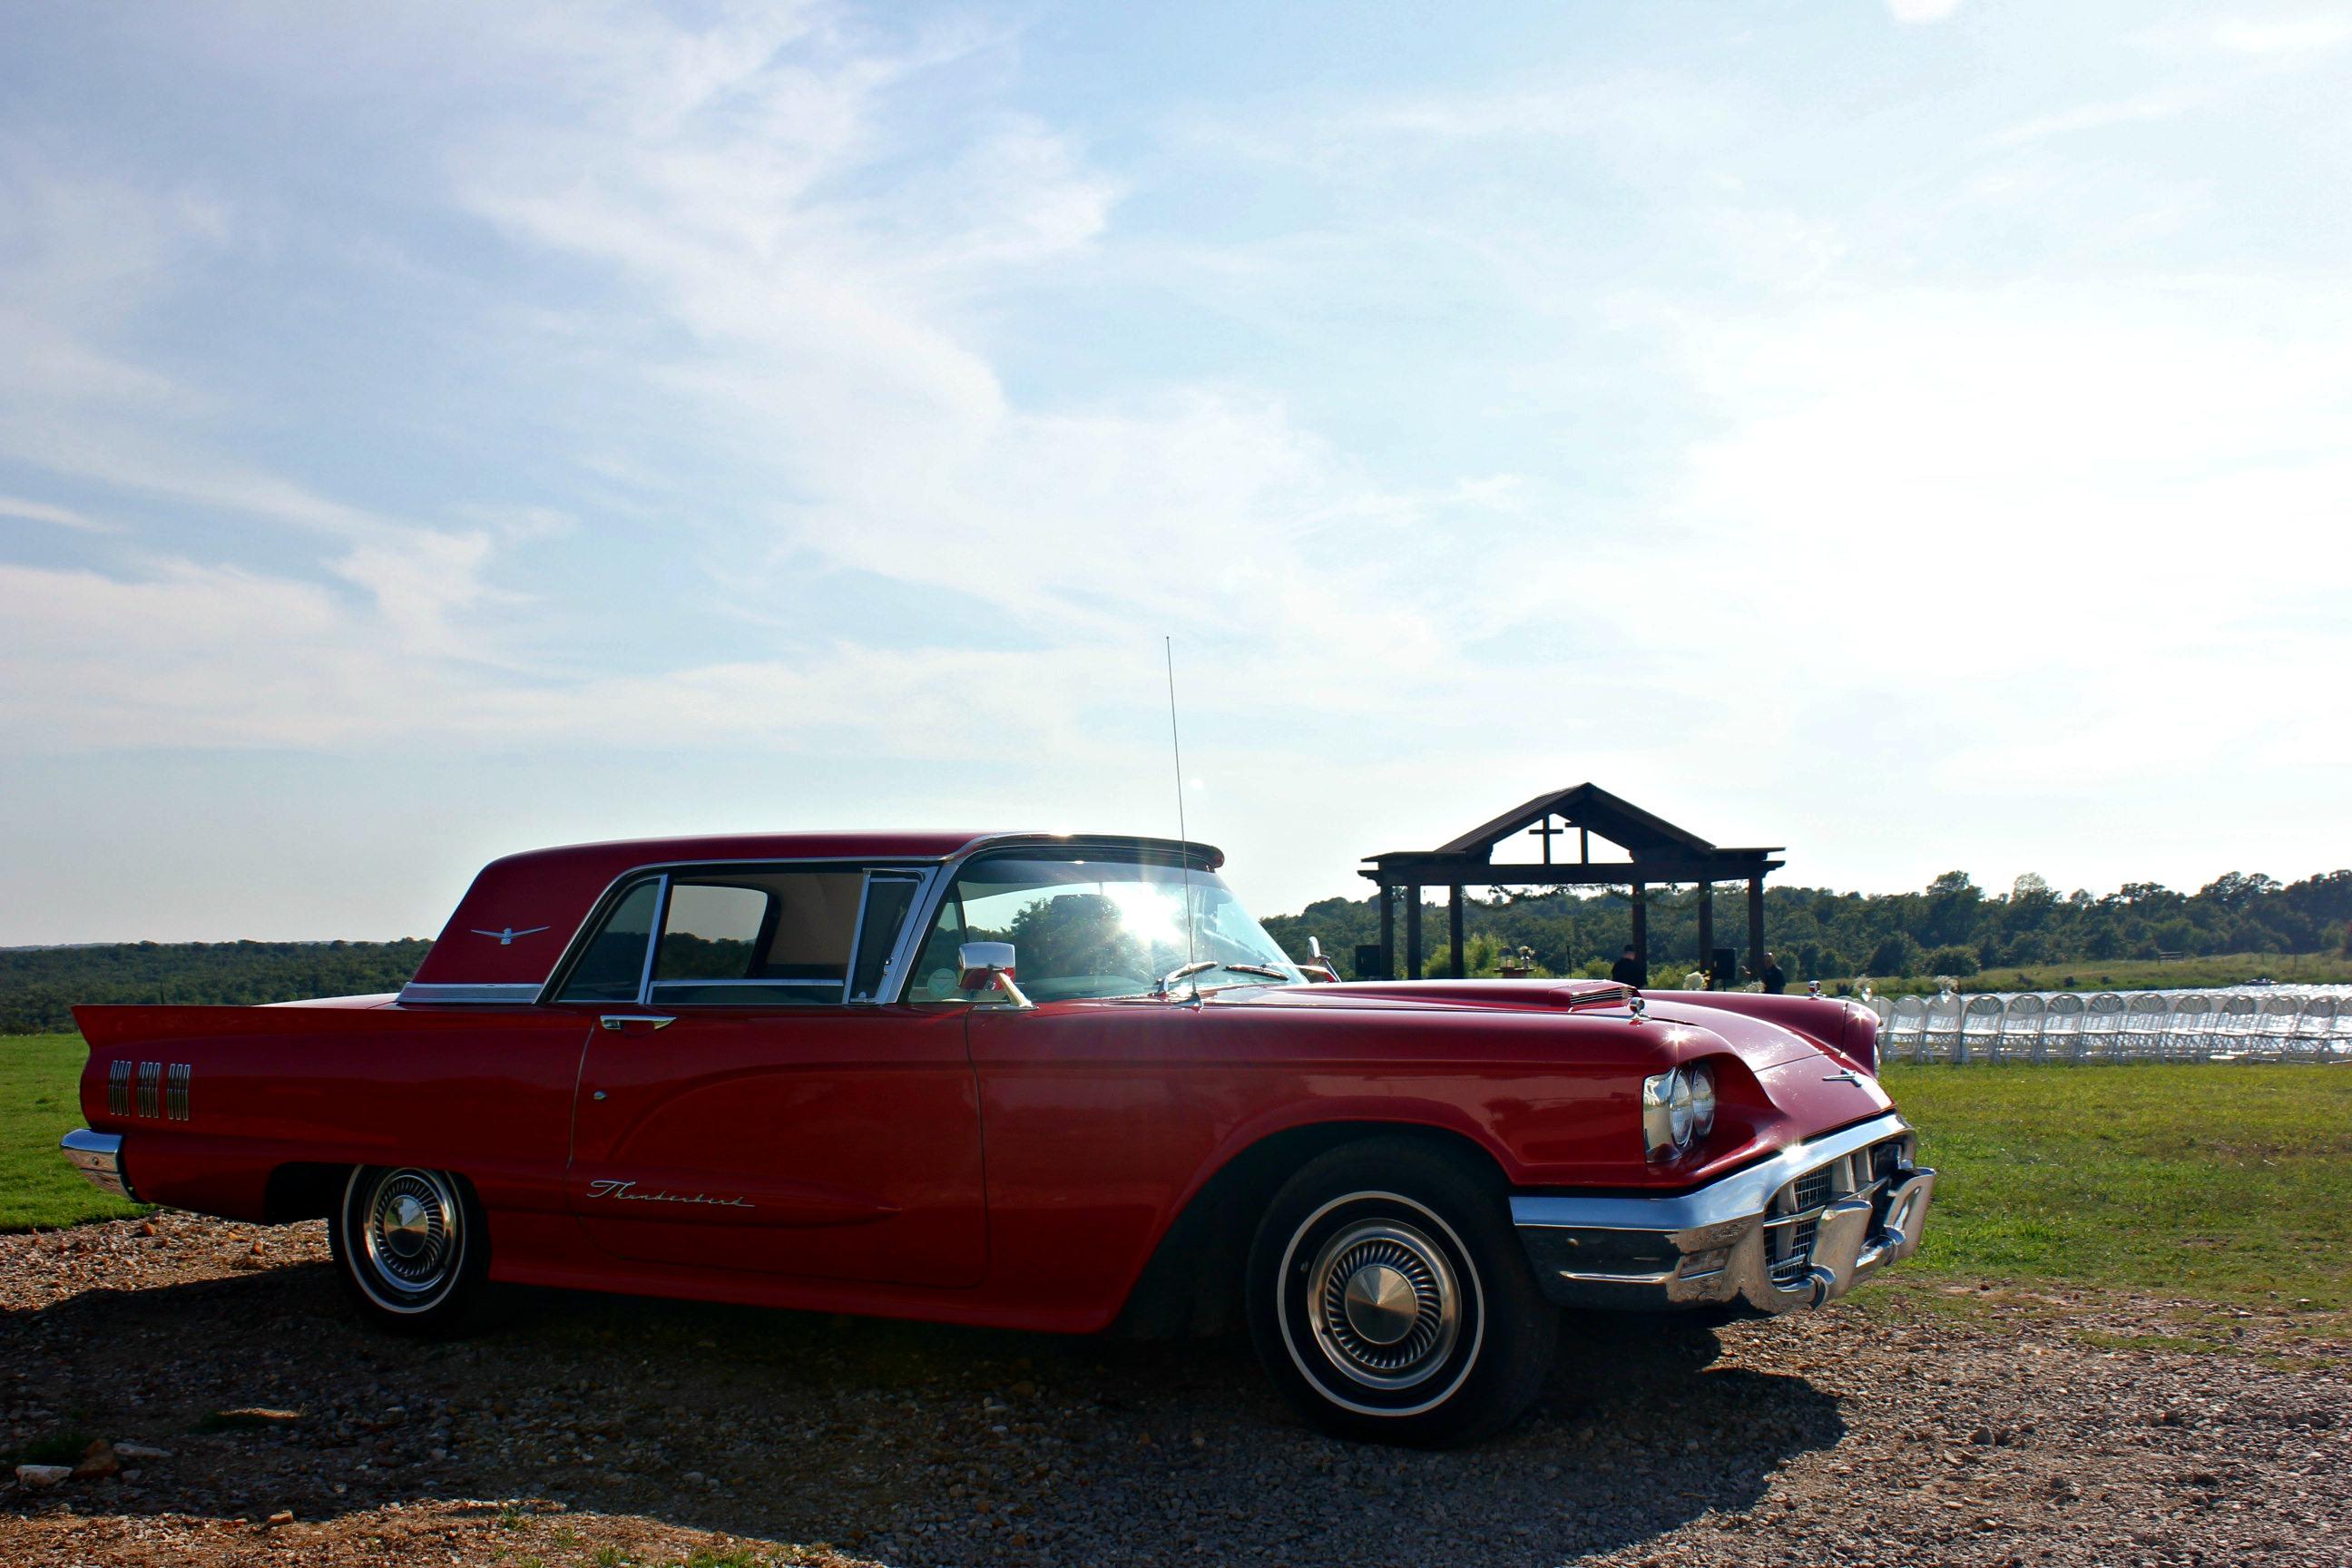 tulsa wedding venues car